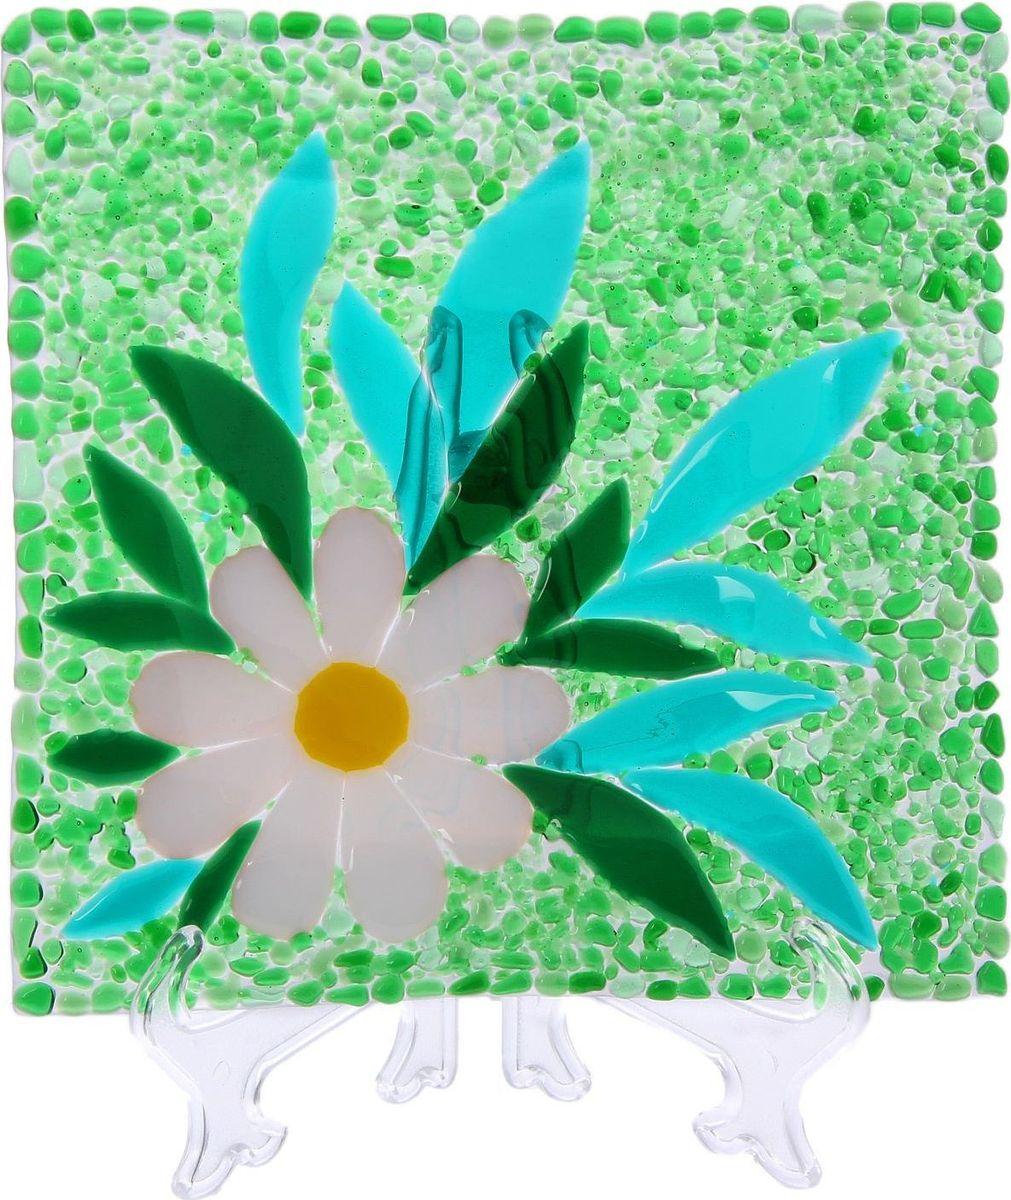 Тарелка Декостек Ромашковое поле, 21 см. 22617502261750Оригинальная посуда — свидетельство особого отношения хозяев дома к гостям. Изделия изготовлены необычным образом: несколько видов стекла спекаются в печи при температуре около 800 градусов. В результате этого получается уникальный продукт, по внешнему виду сходный с витражом. Стекло, полученное с помощью фьюзинга, отличают особенная прозрачность и глубина цвета, оно сохраняет оттенок и не подвержено старению.Особенности предмета:тщательная обработка рельефа поверхности;высококачественный узор;высокая прочность – изделия можно мыть в посудомоечной машине.Такой предмет станет прекрасным подарком по любому случаю. В комплект входит подставка и декоративная коробка.